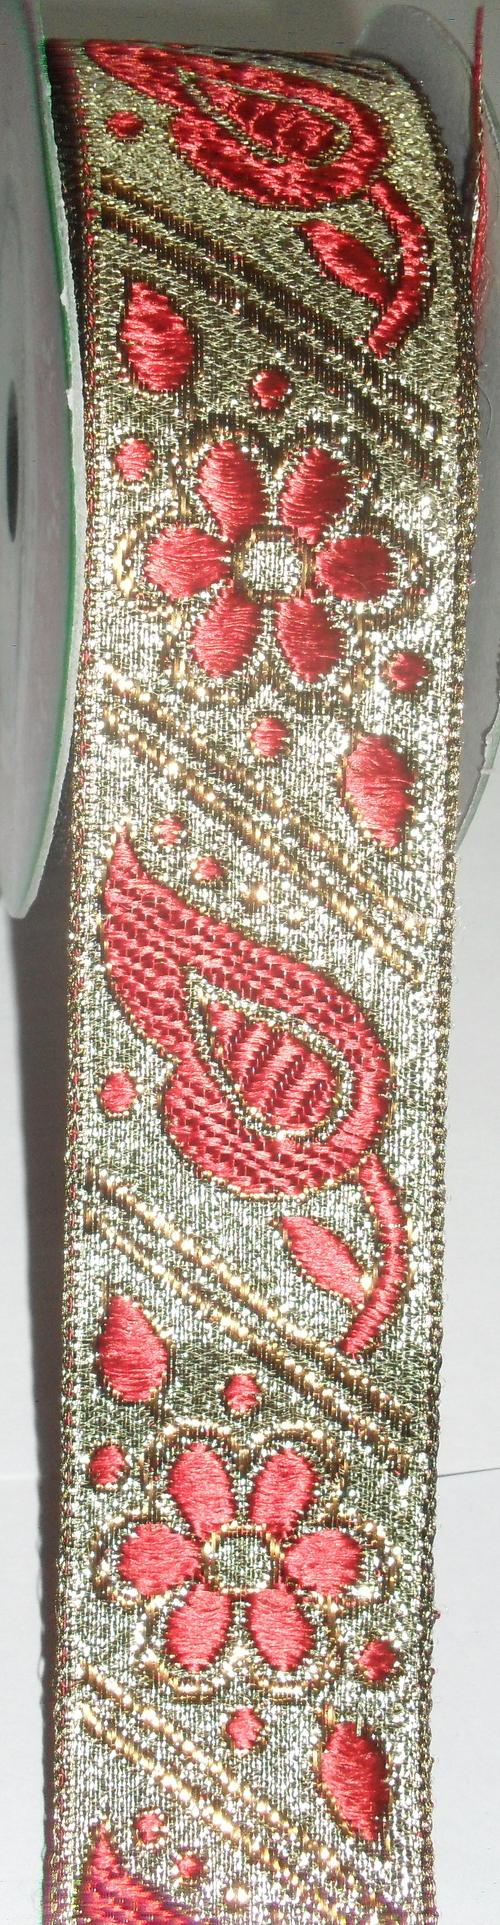 Latest Design Lace